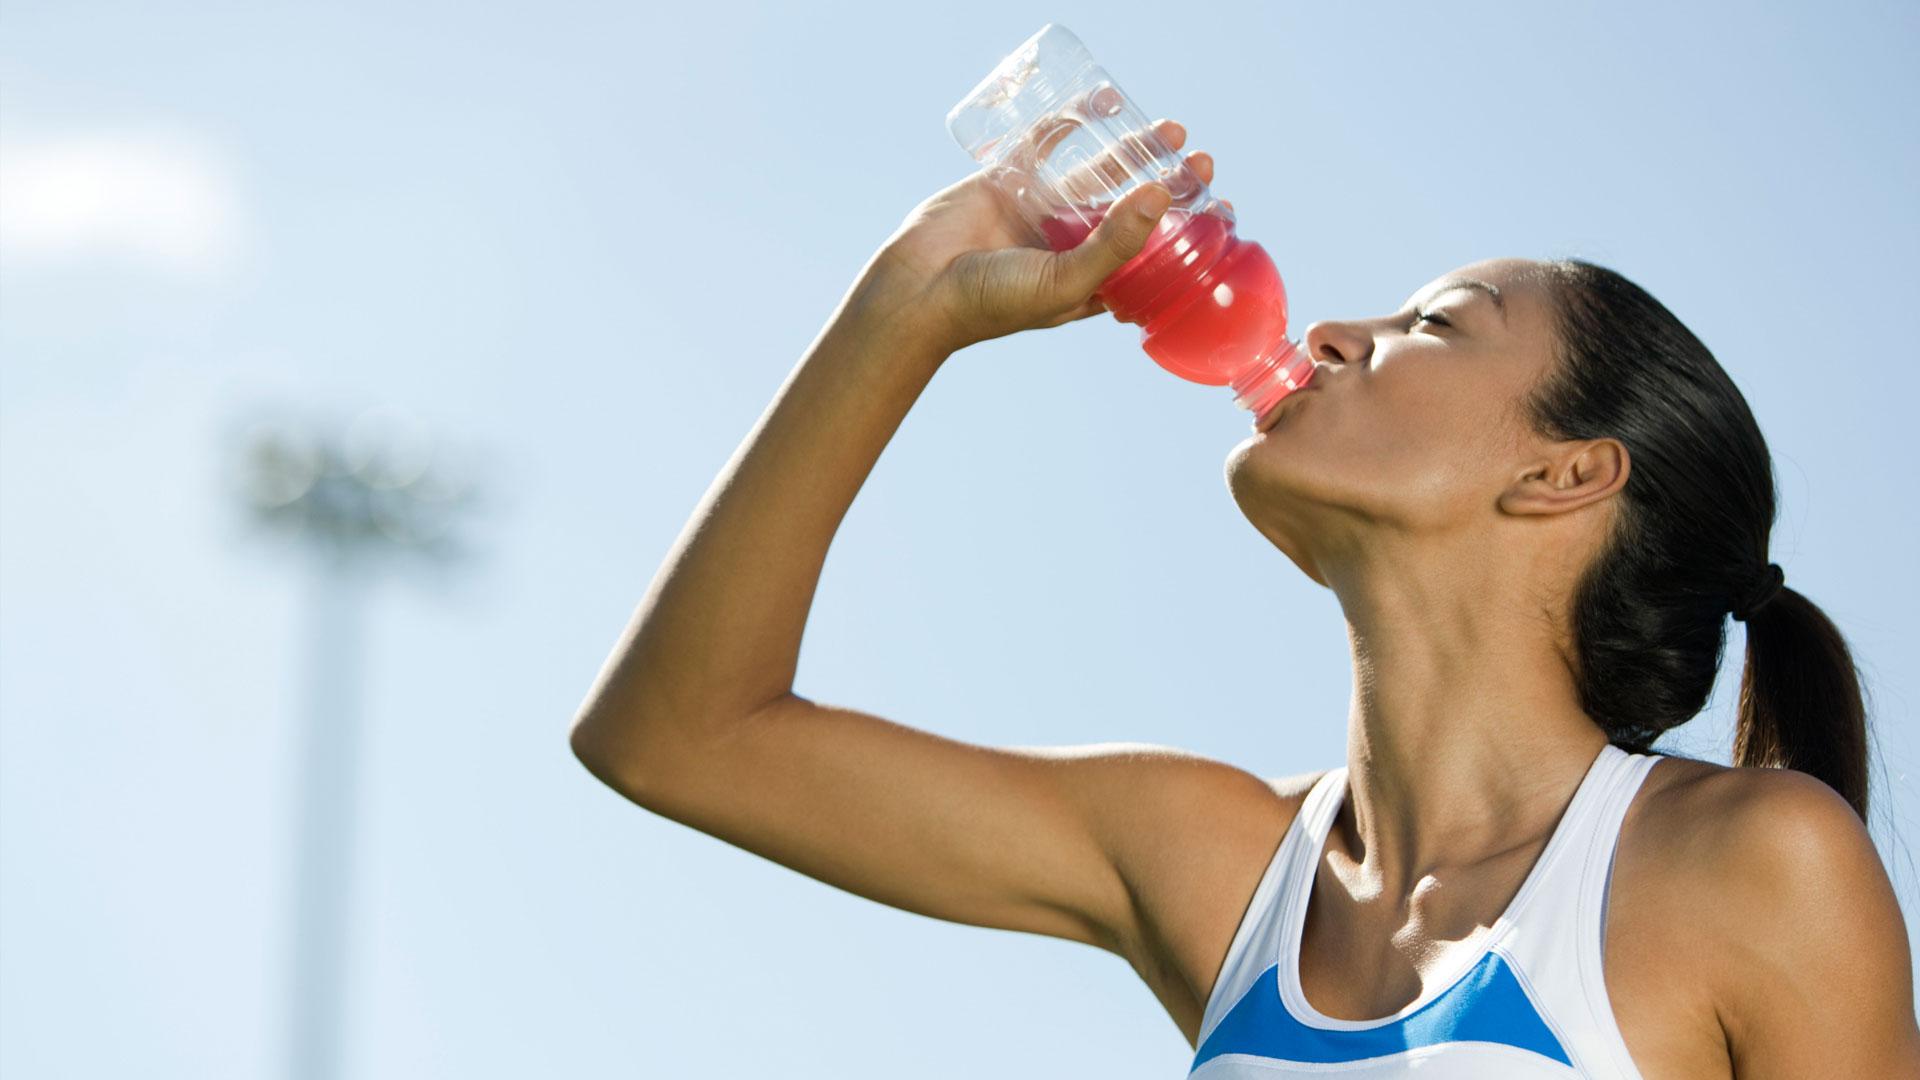 Best Endurance Energy Drink